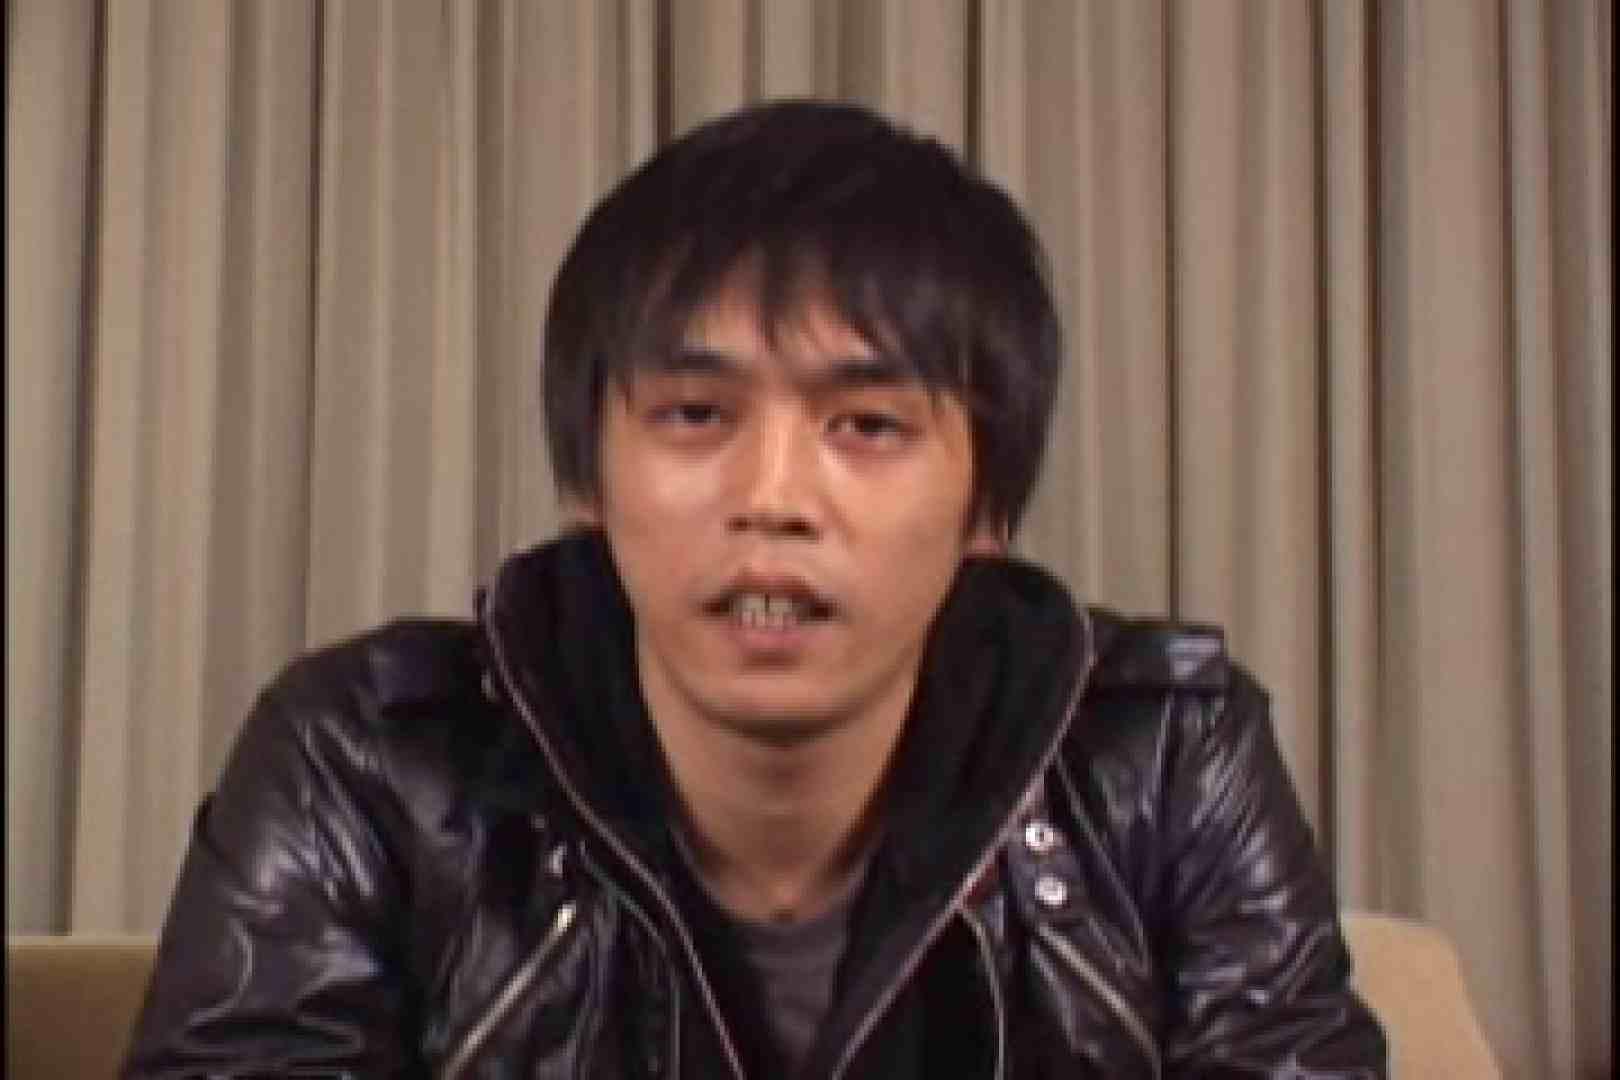 イケメンズEYE!男目線の本番vol.04 男天国 | 複数プレイ  82pic 3